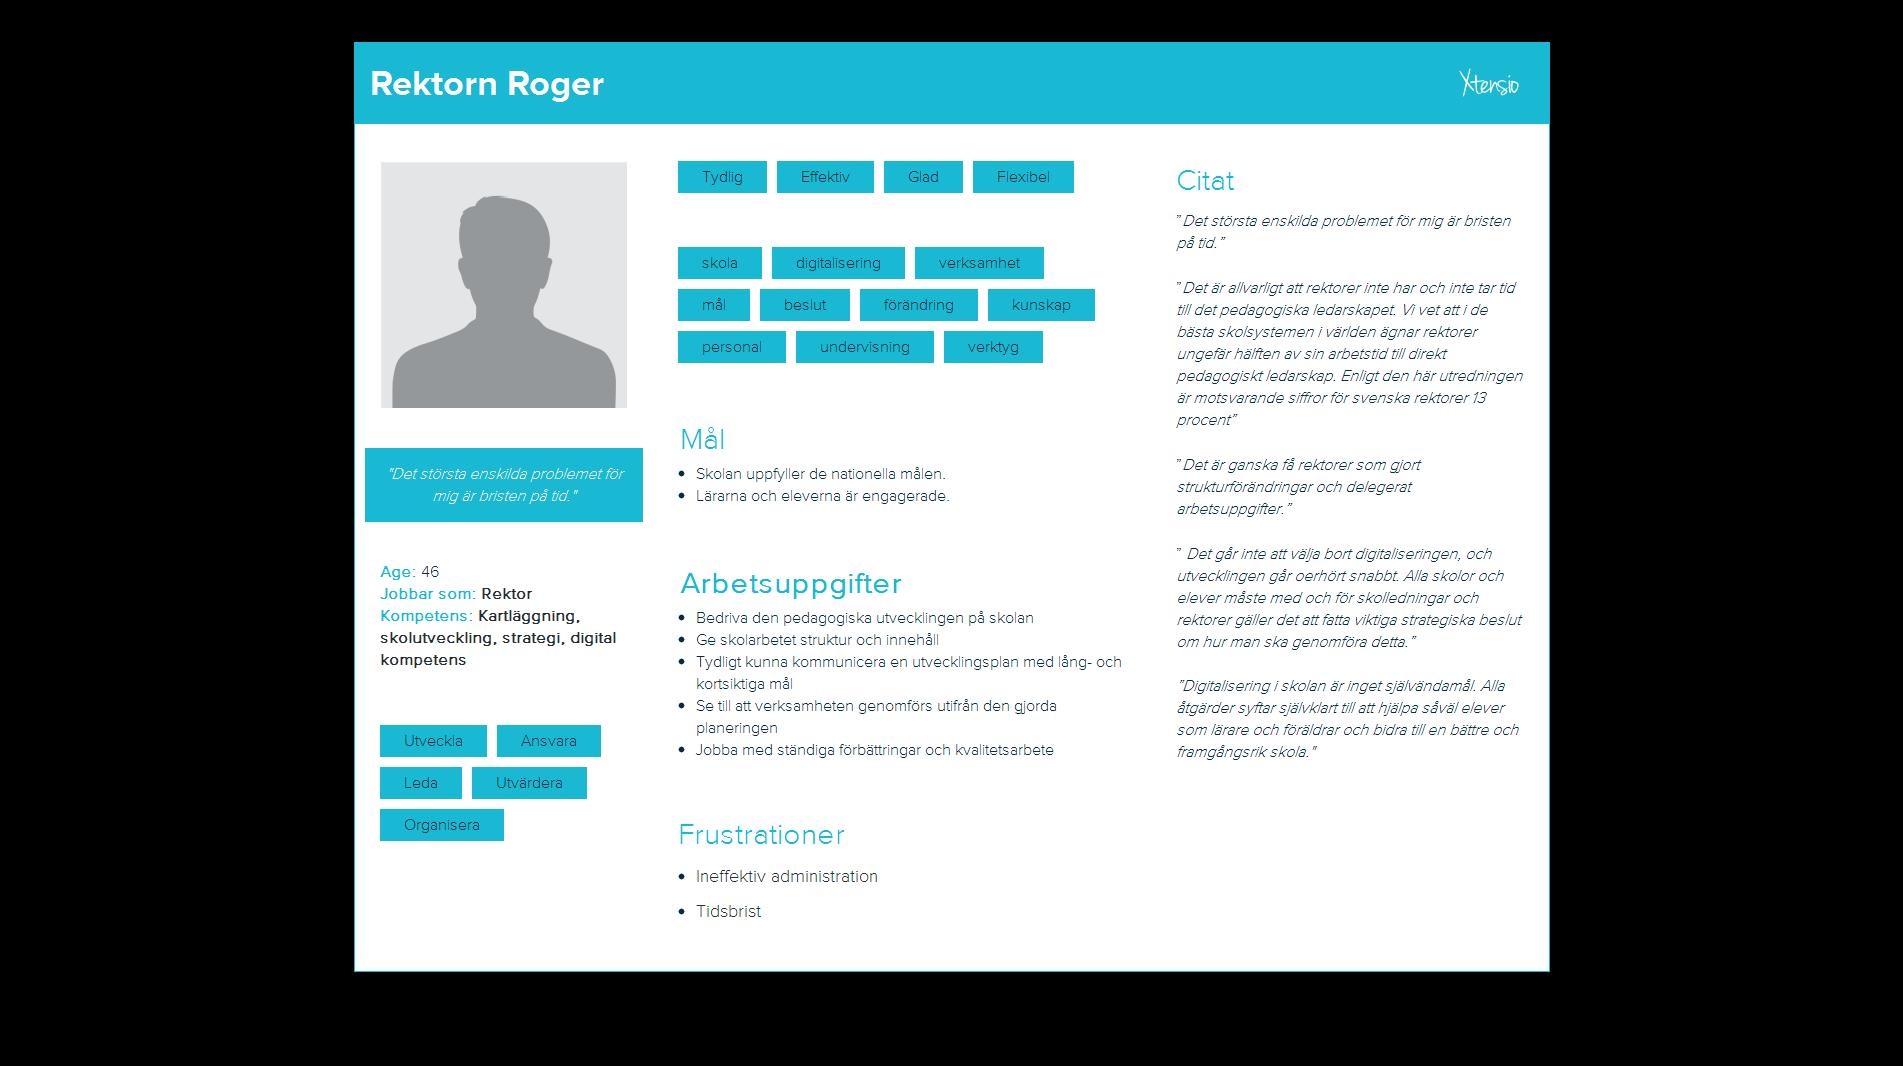 """Exempel på personan """"Rektorn Roger"""" från projektet med Fredrik."""